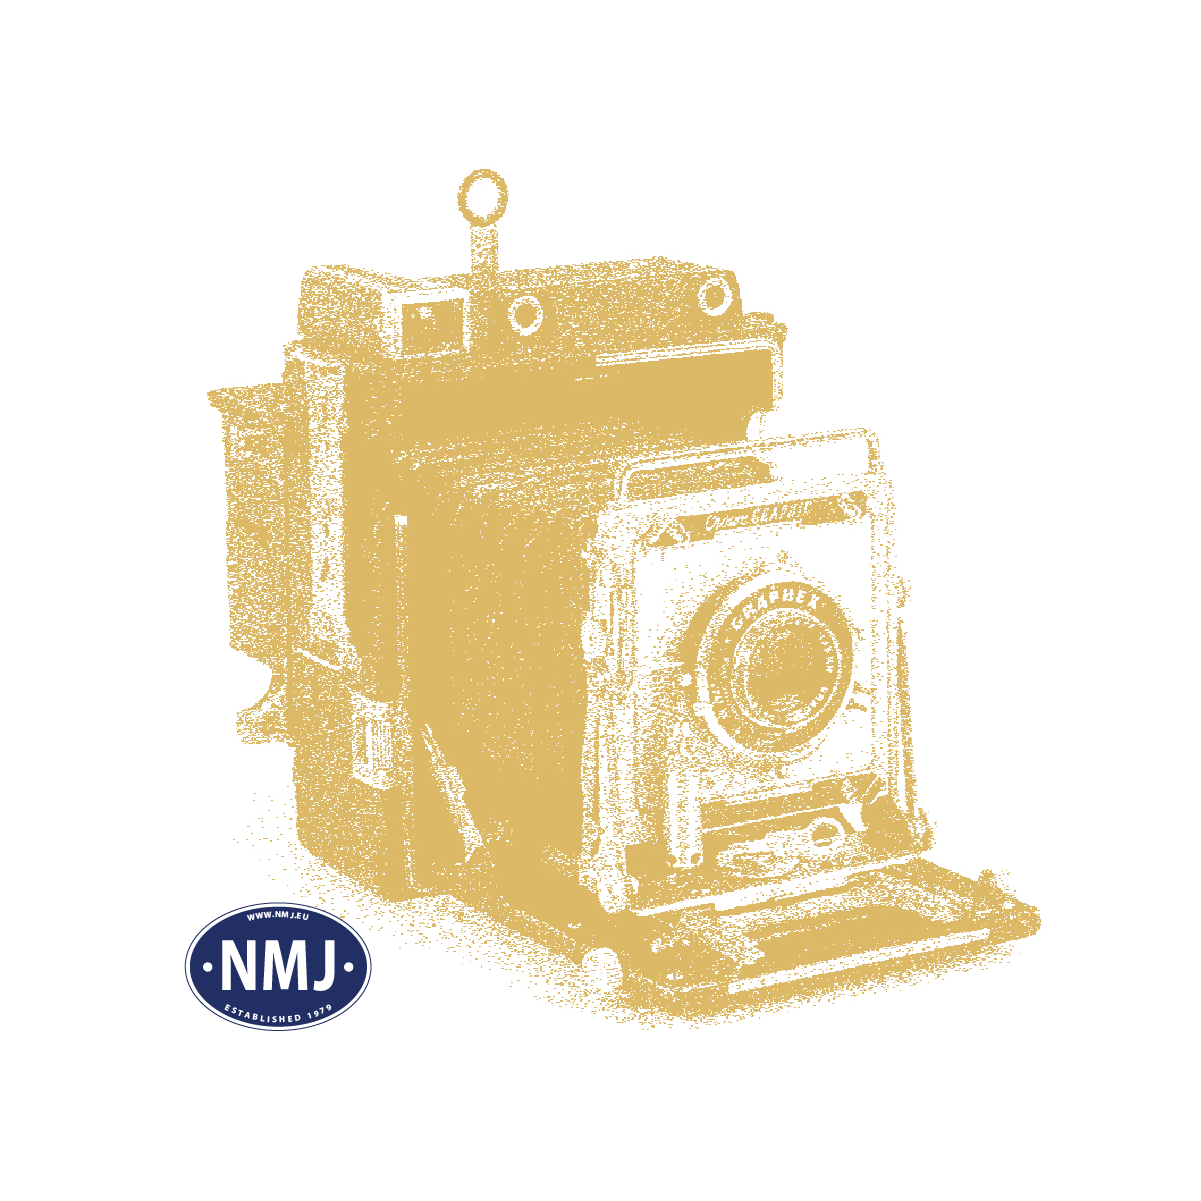 NMJT82.203 - NMJ Topline NSB El13.2138, Red/Brown, DC